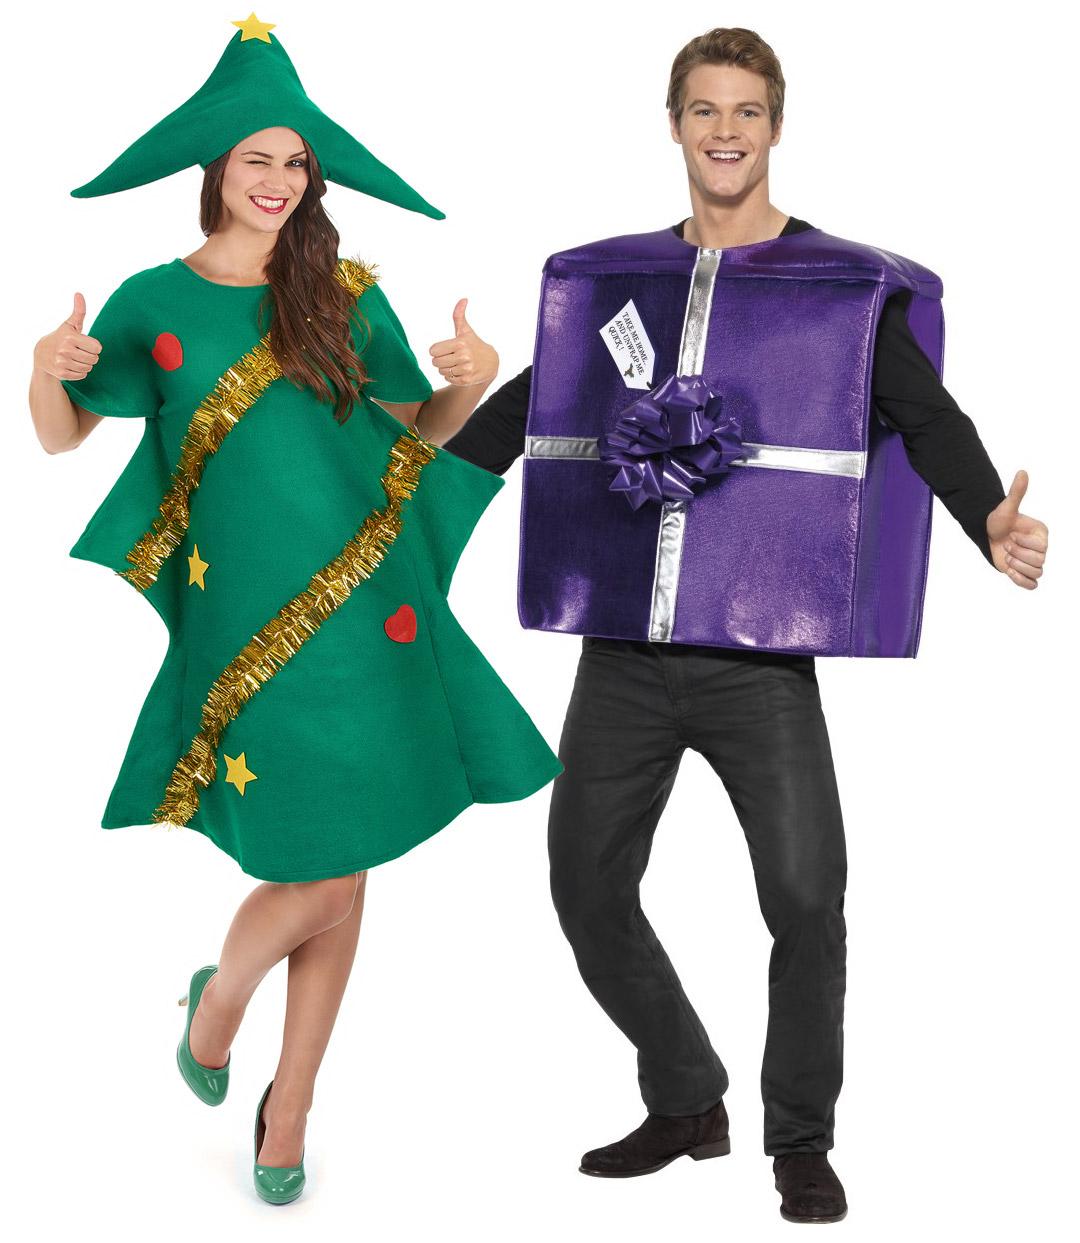 d guisement de couple sapin humoristique et cadeau violet no l deguise toi achat de. Black Bedroom Furniture Sets. Home Design Ideas